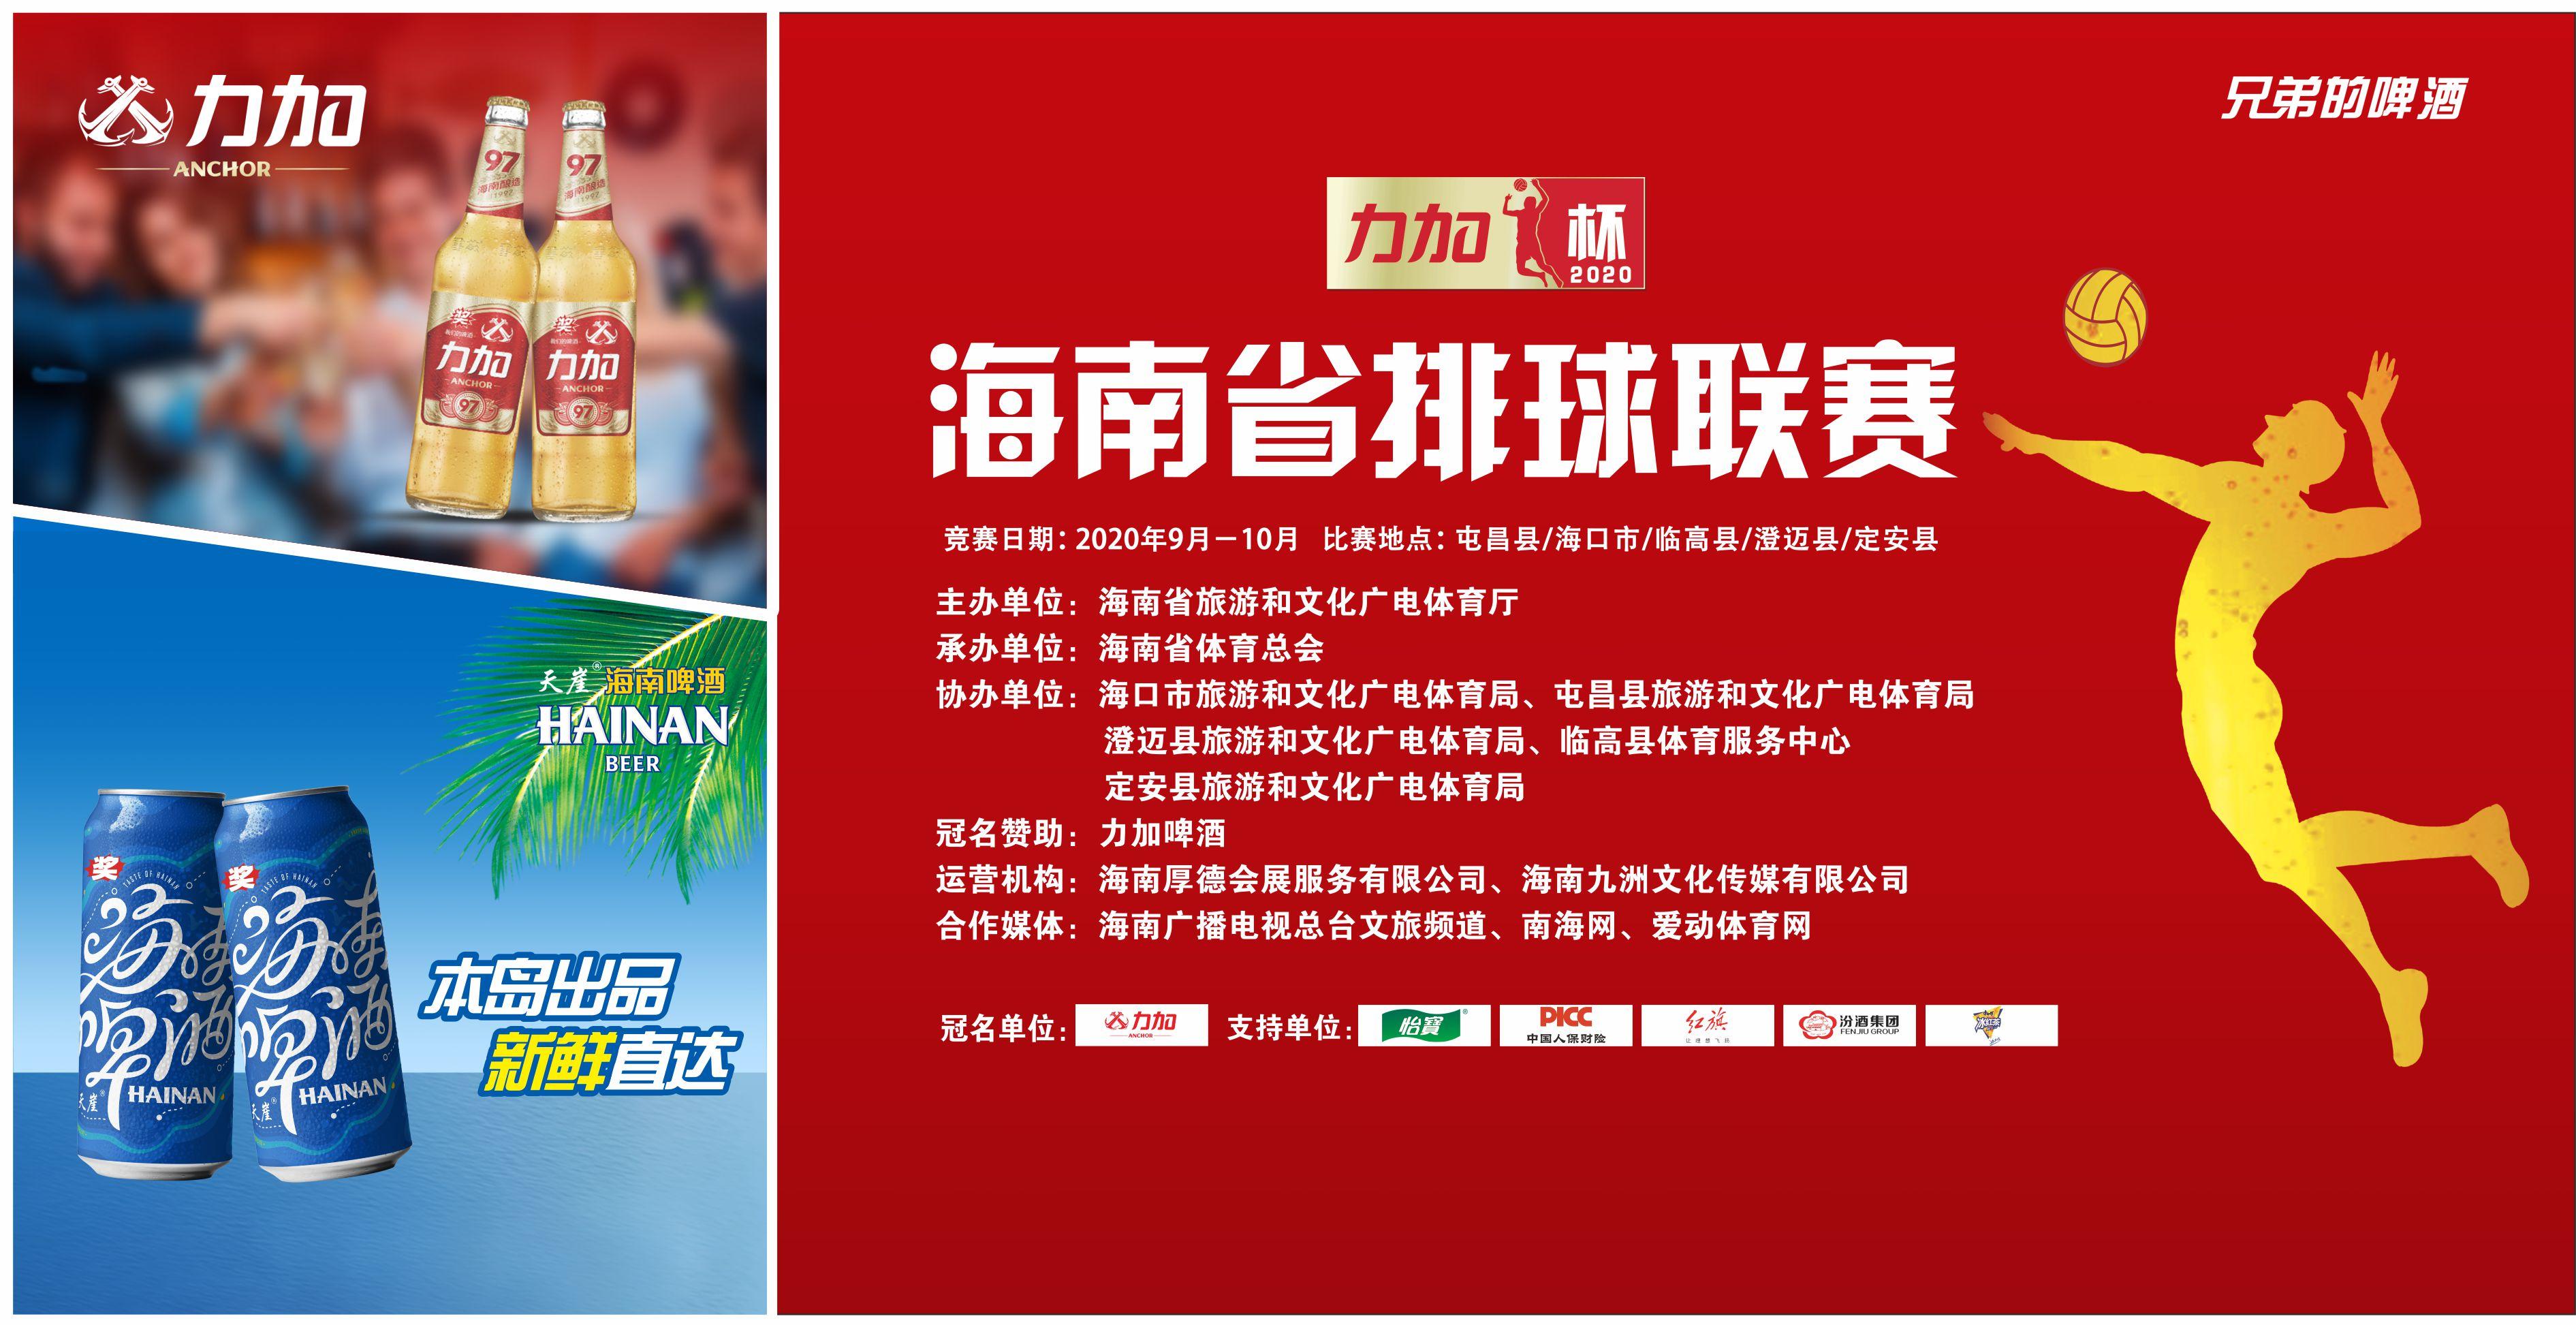 """2020""""力加杯""""biwei必威体育备用网站省排球联赛11日晚屯昌揭幕,观赛攻略来袭!"""